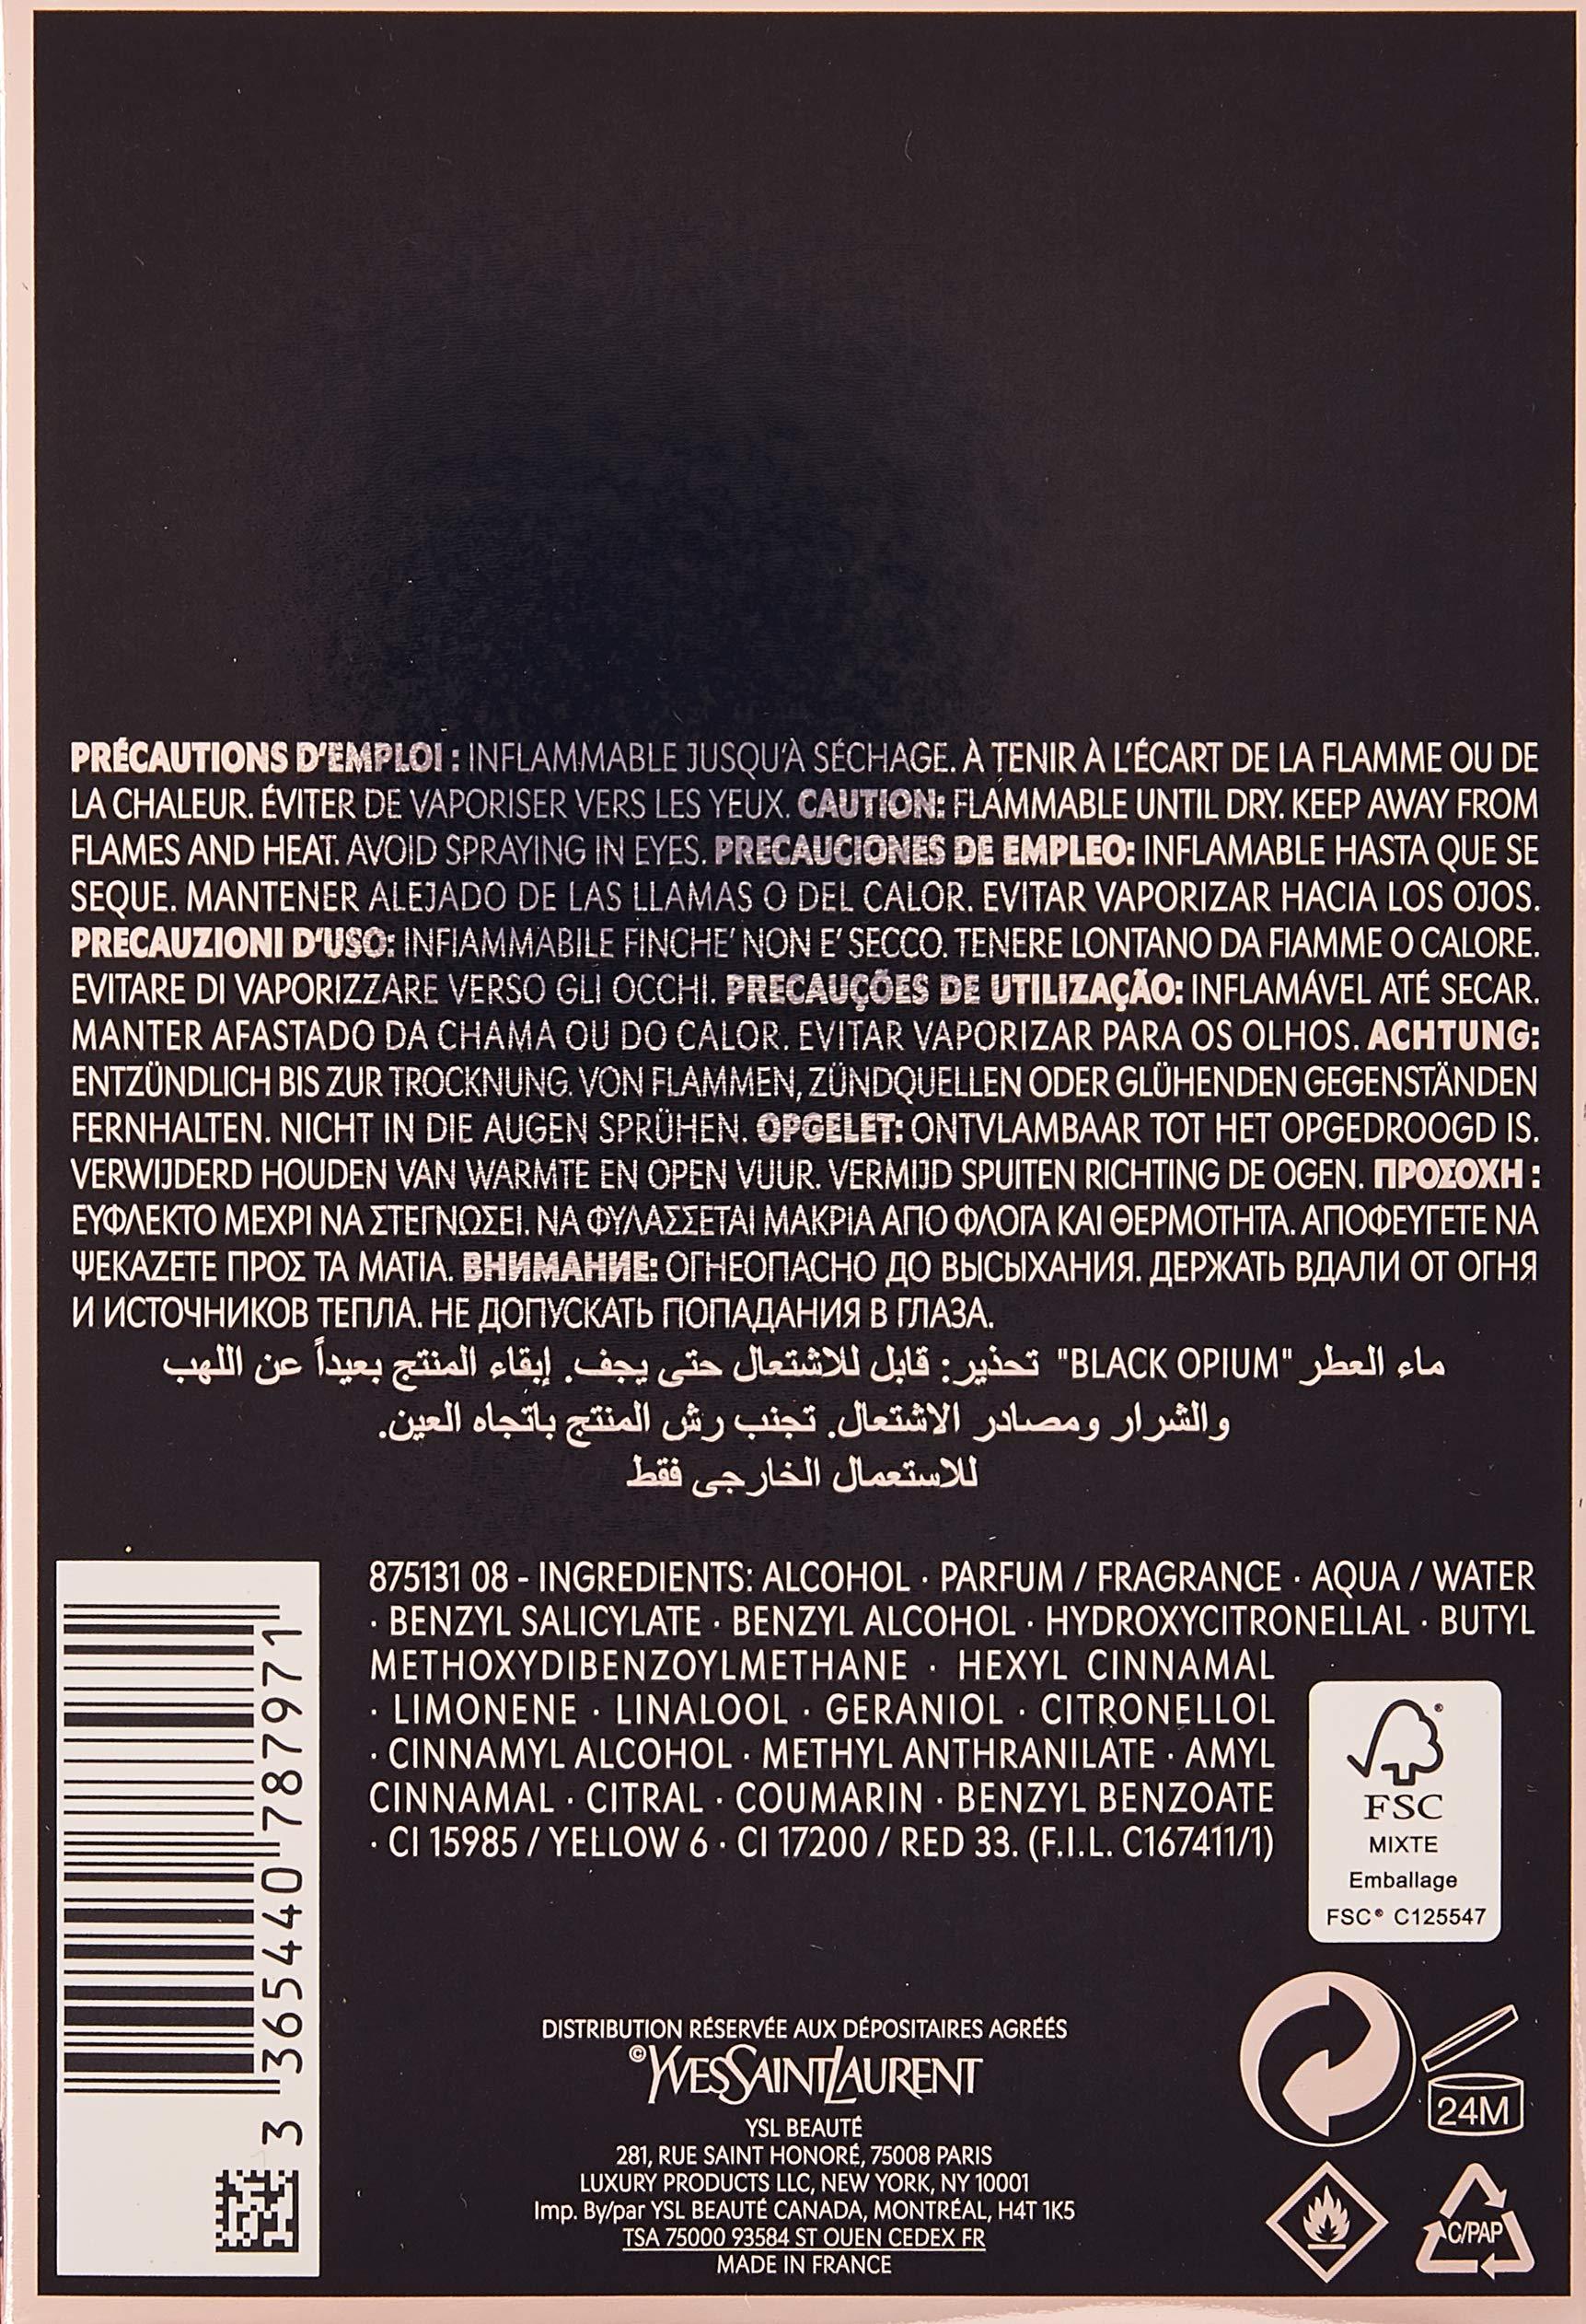 Yves Saint Laurent Eau De Parfum Spray for Women, Black Opium, 3 Ounce by Yves Saint Laurent (Image #2)